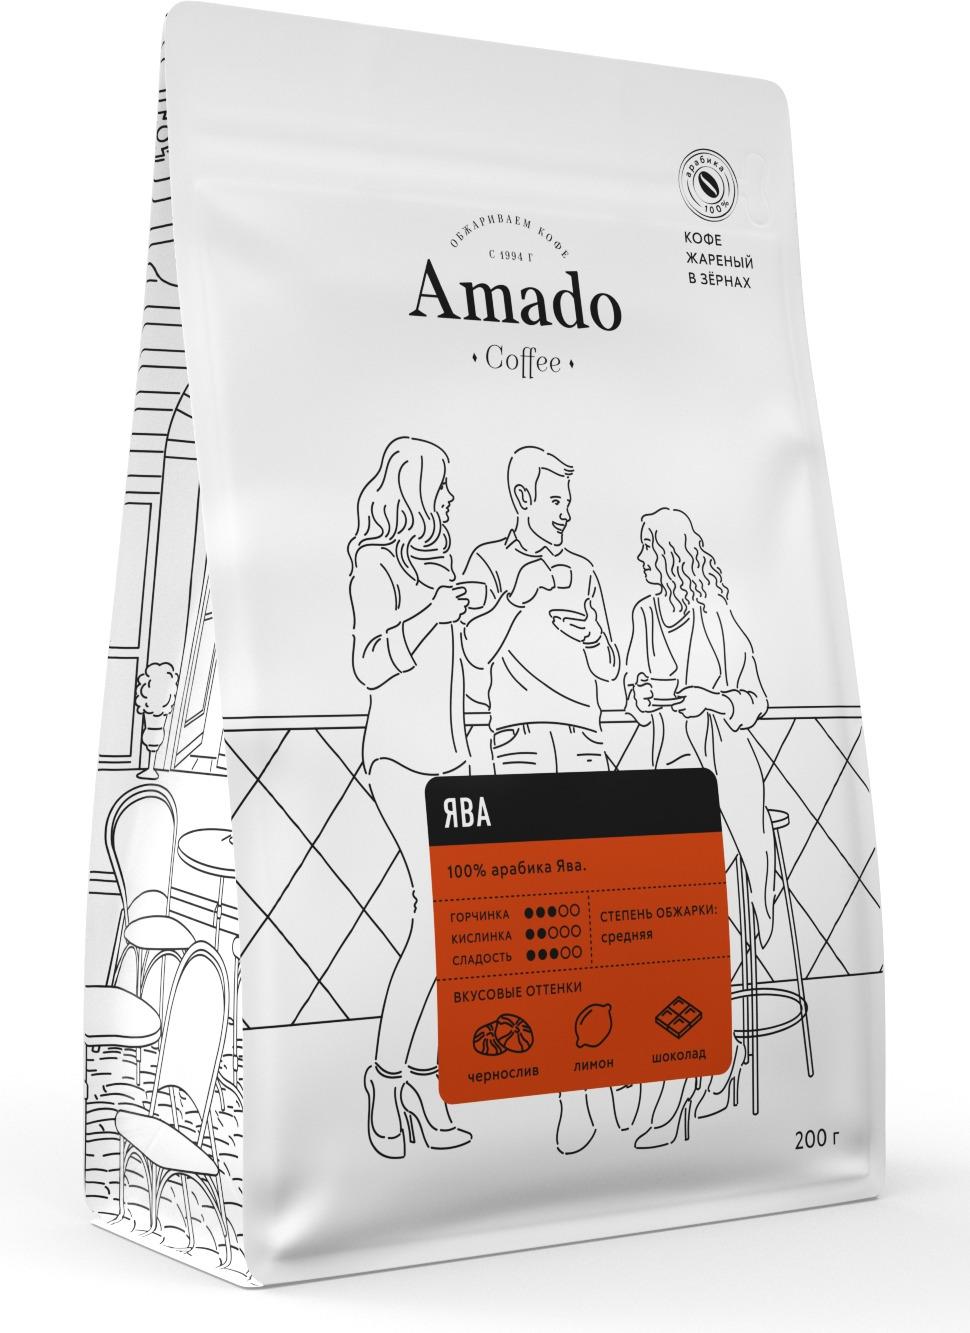 лучшая цена AMADO Ява кофе в зернах, 200 г